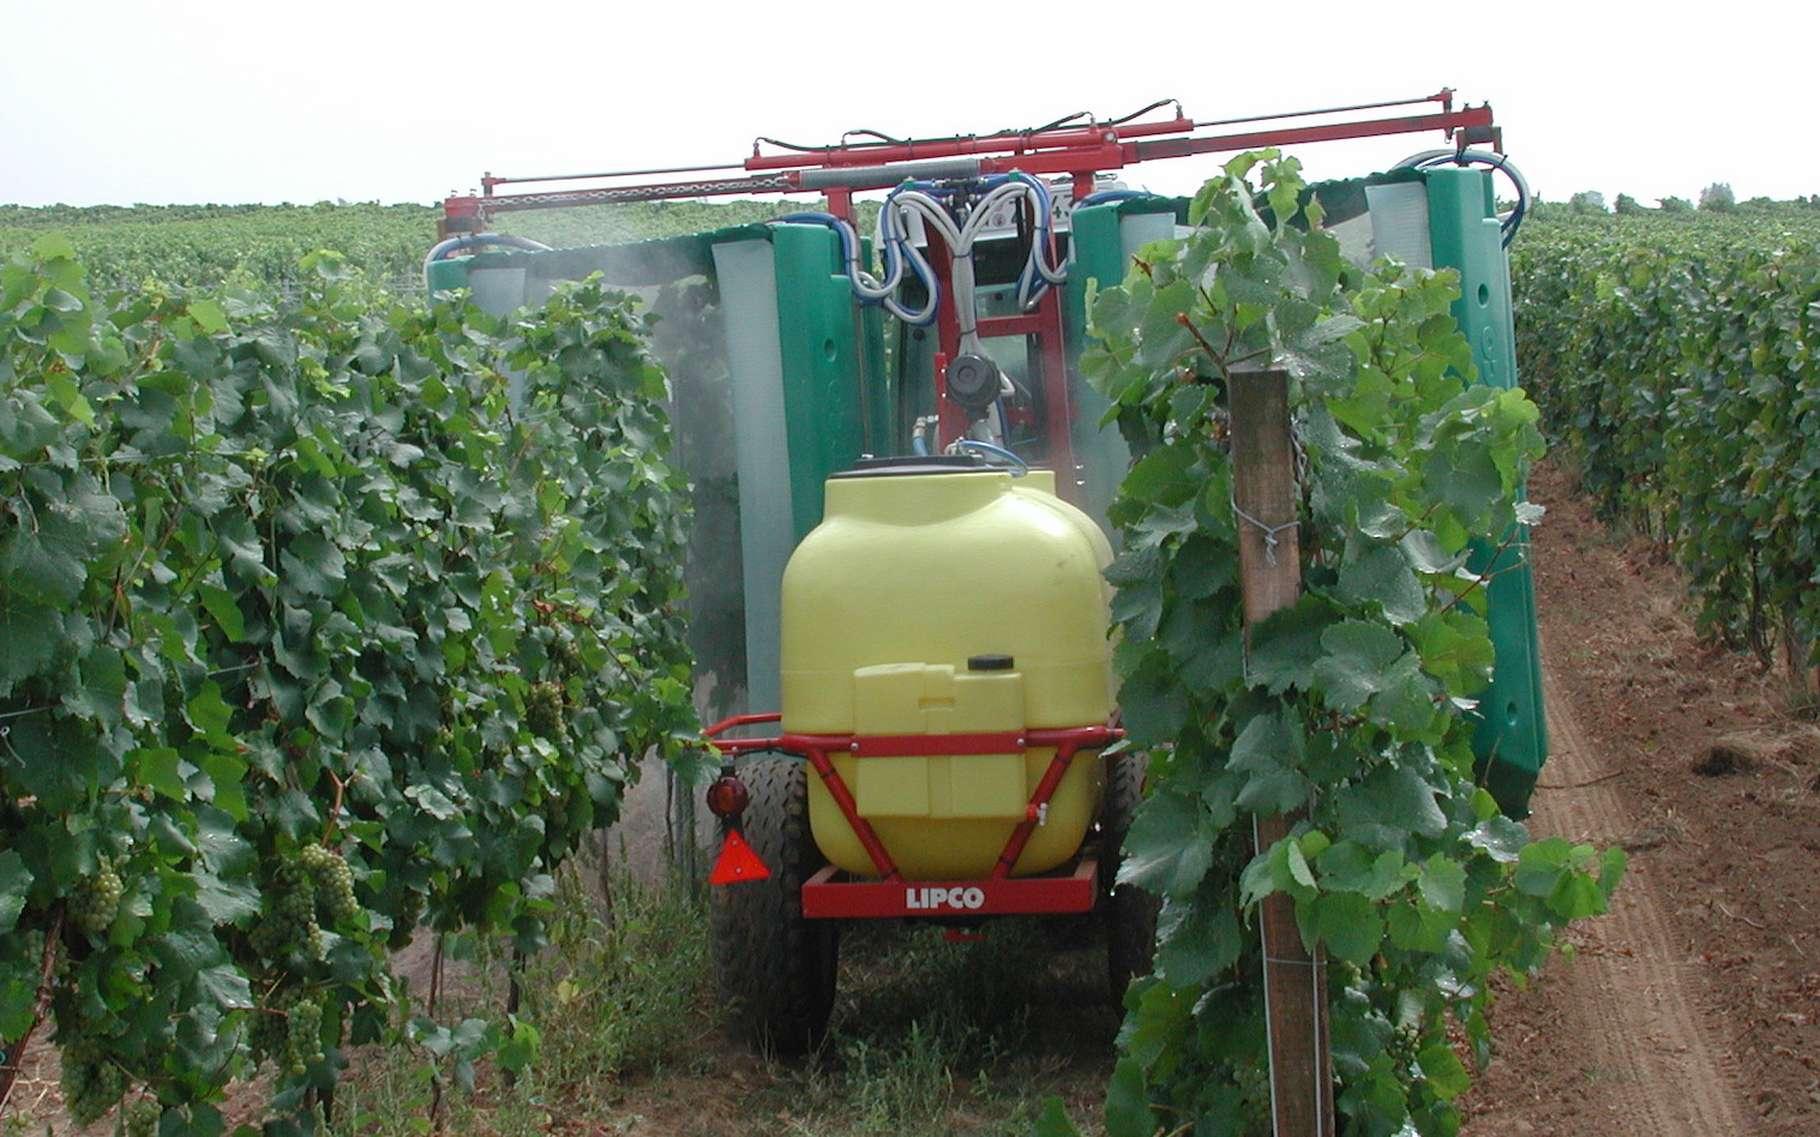 Dans les vignes, les pesticides restent encore largement utilisés. Ici, un épandeur adapté. © Karl Bauer, Wikipédia, CC by-3.0 at